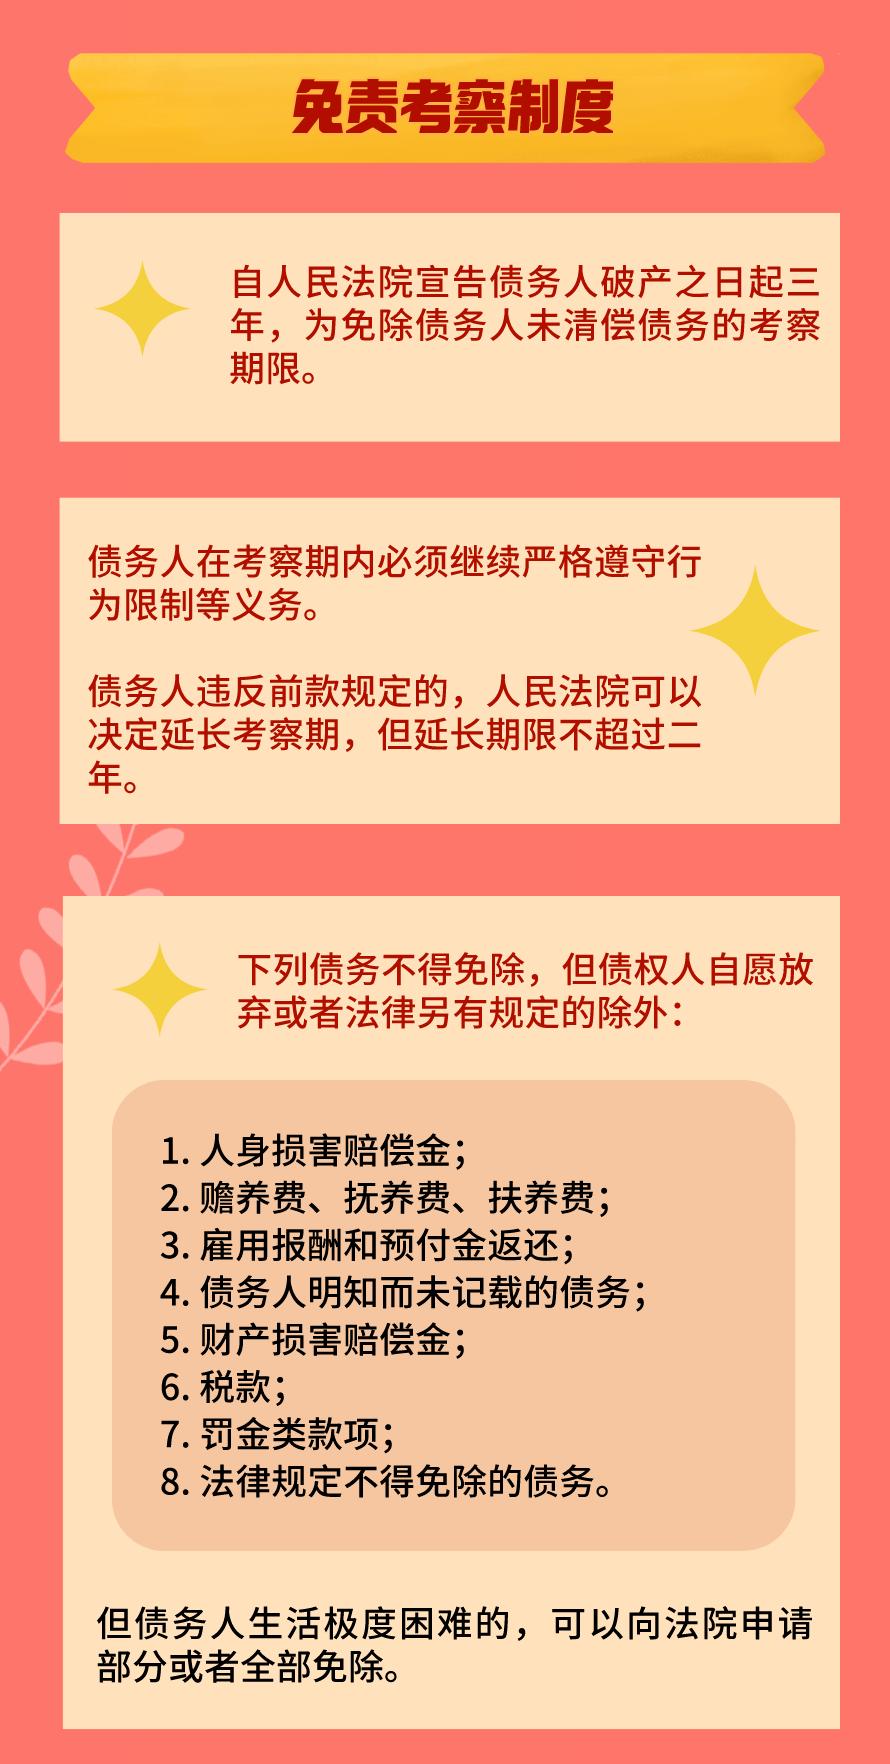 一图读懂《深圳经济特区个人破产条例》